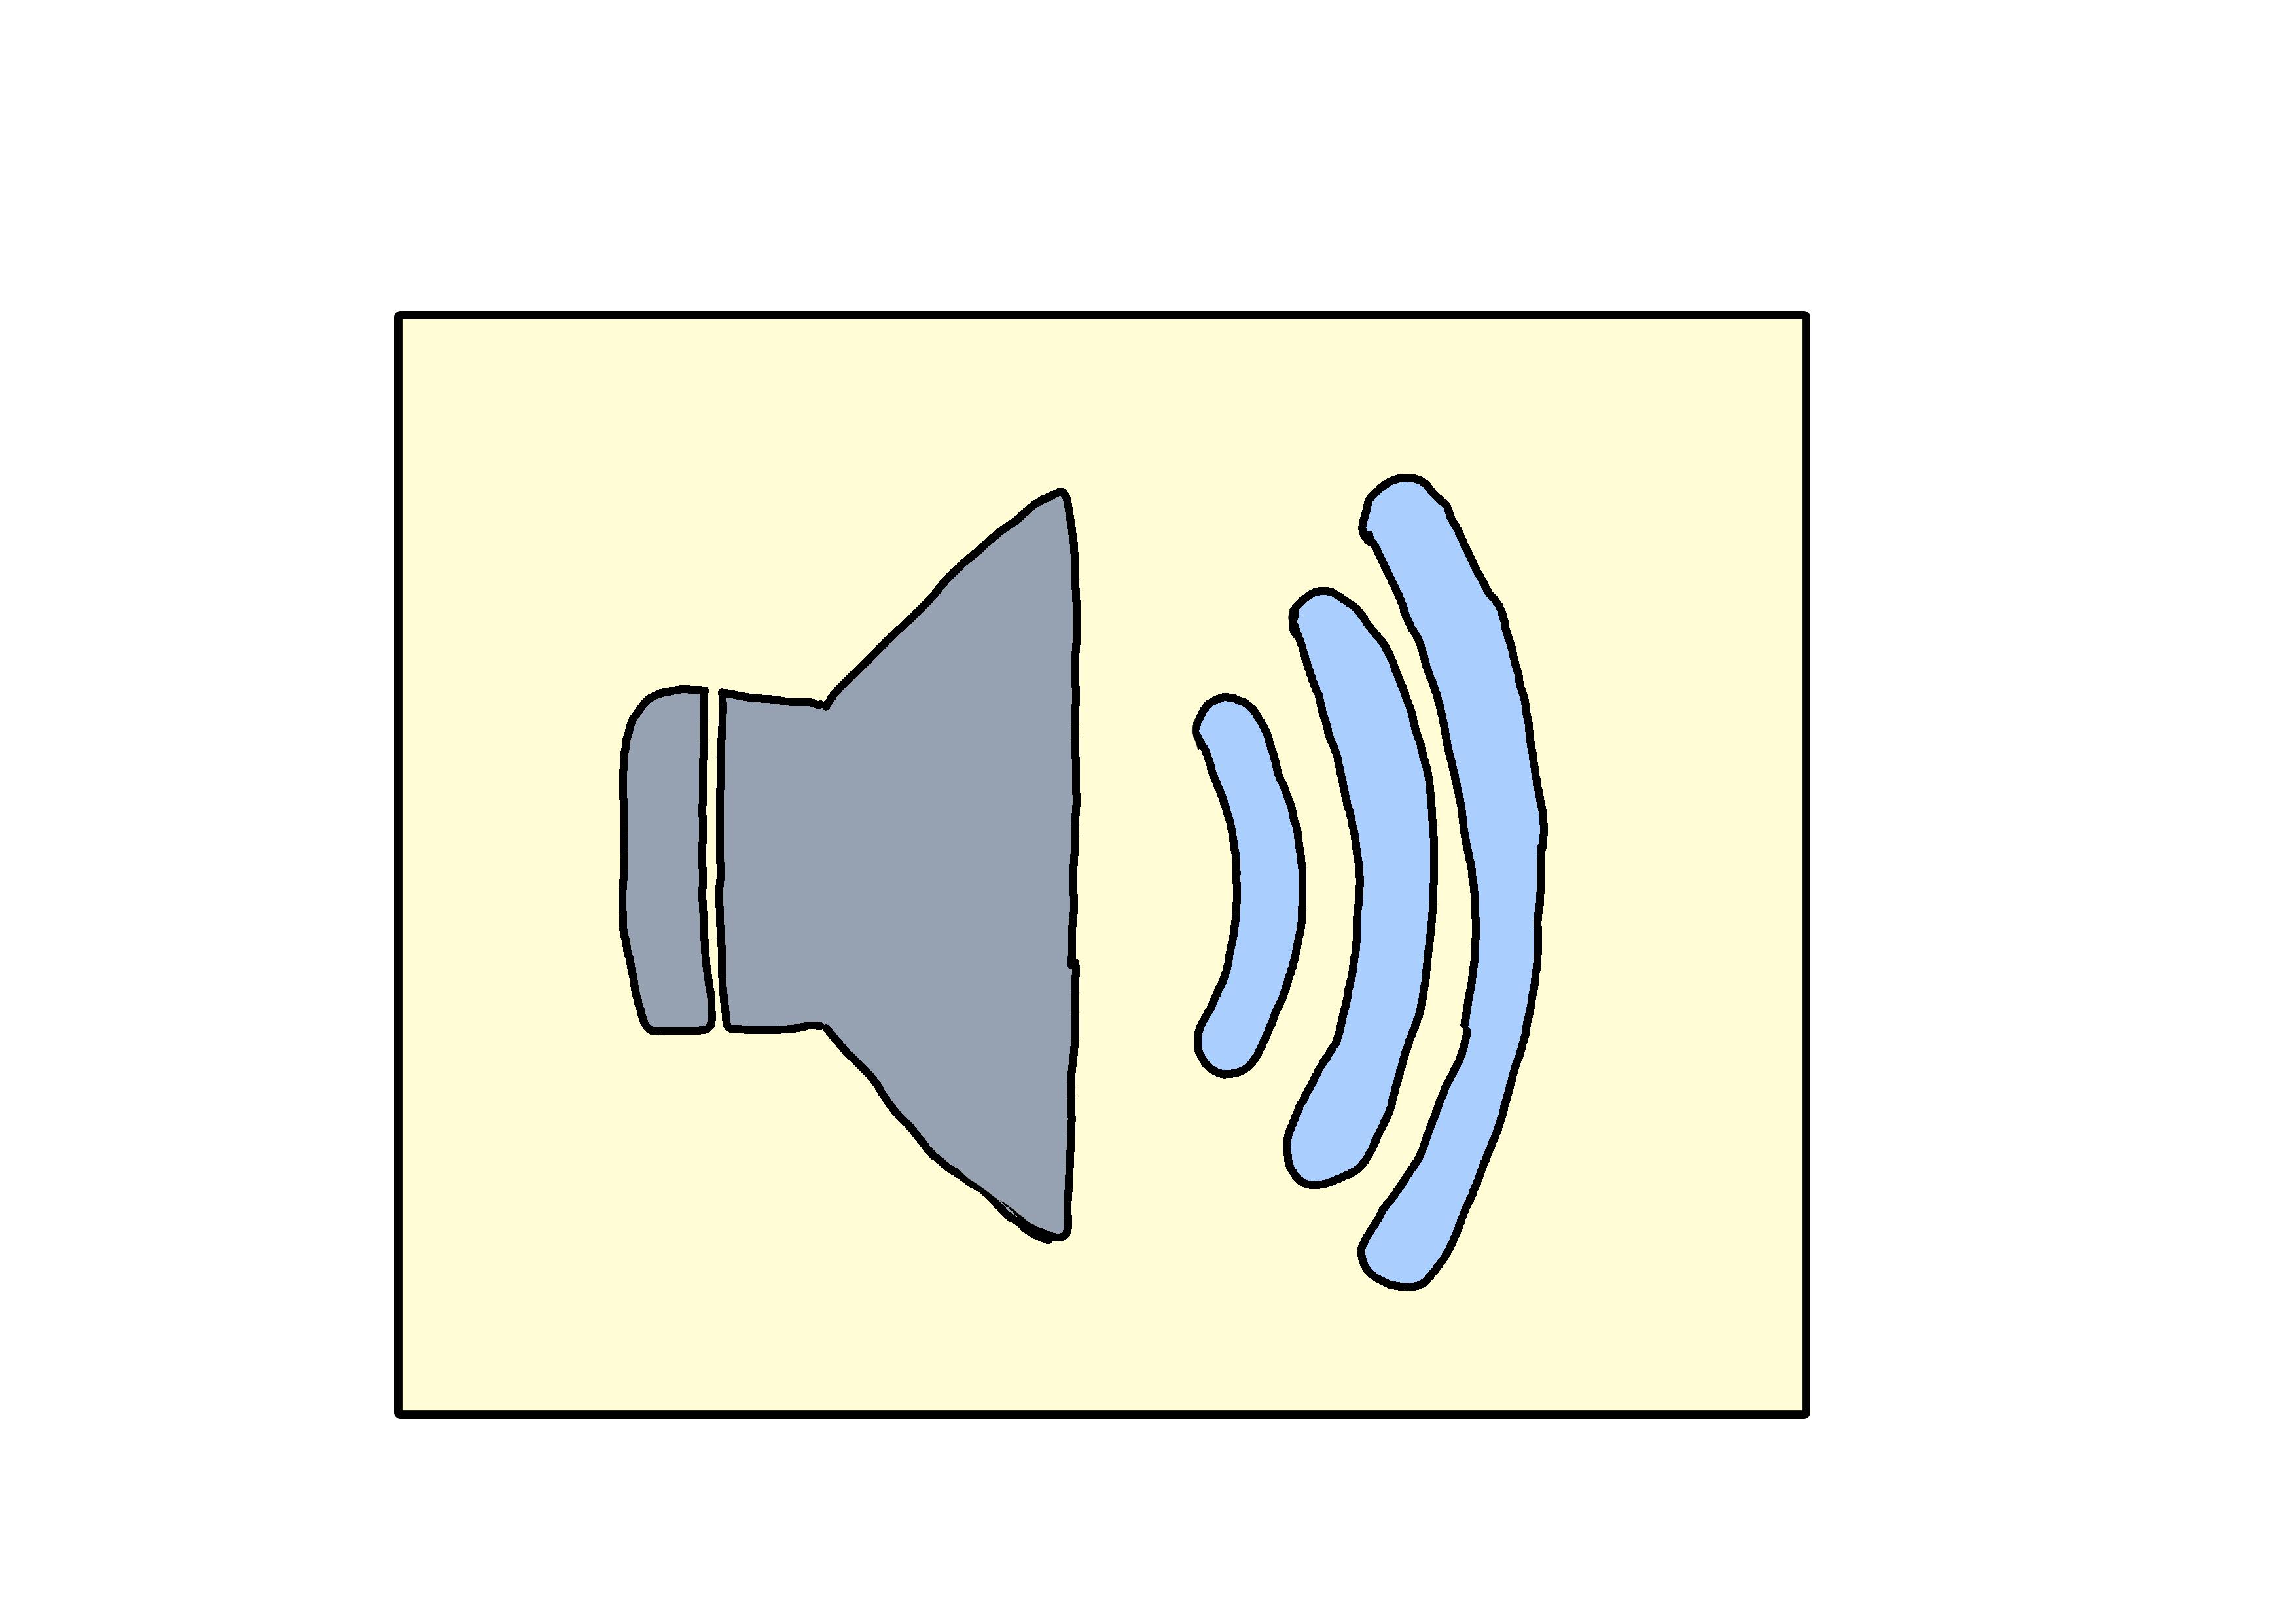 イラスト【音・音量】